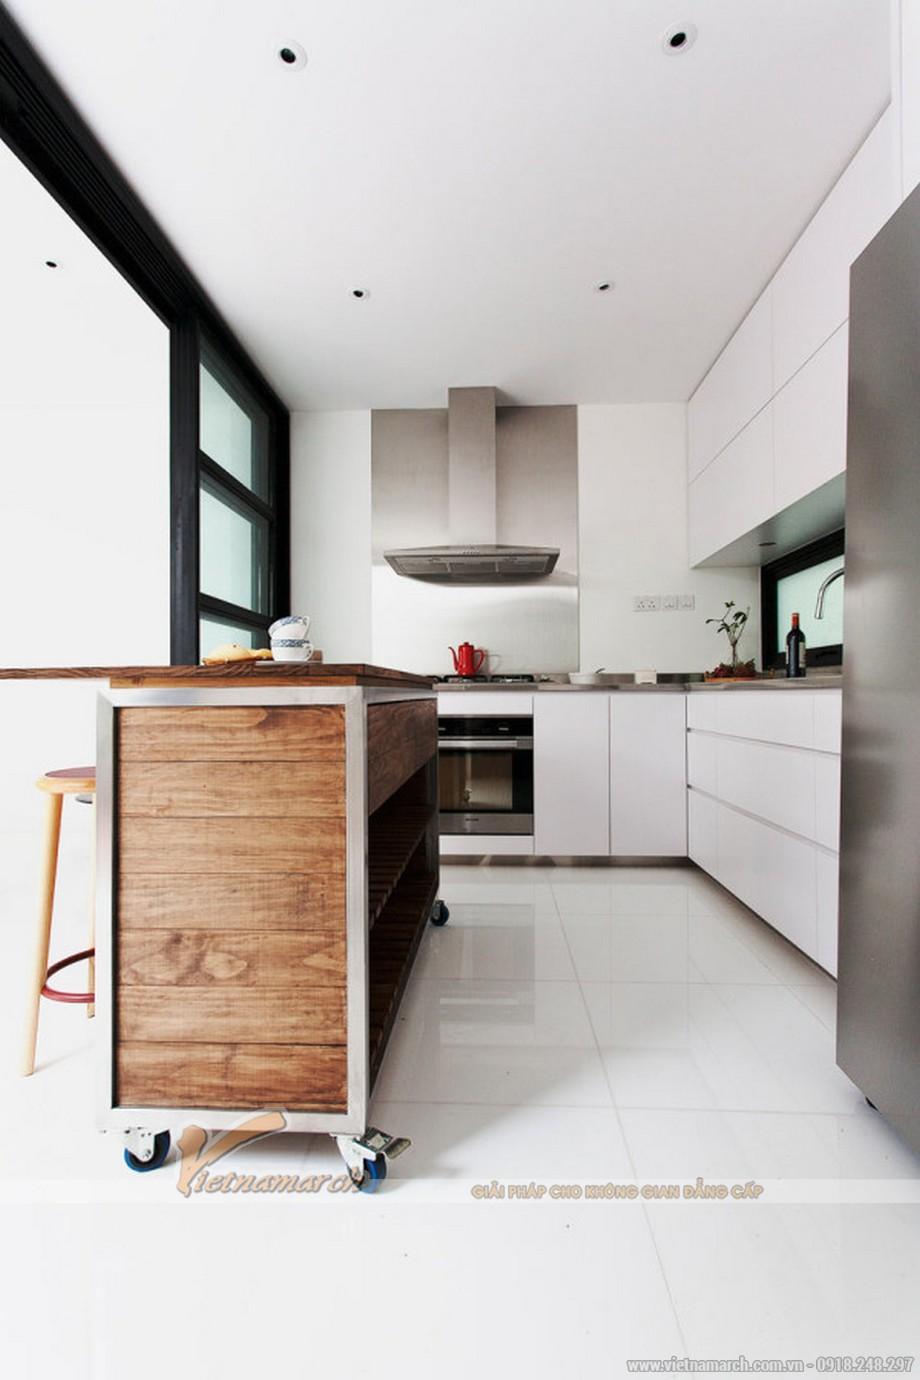 Phòng bếp cũng mộc mạc và tối giản nhưng vẫn đầy đủ tiện nghi